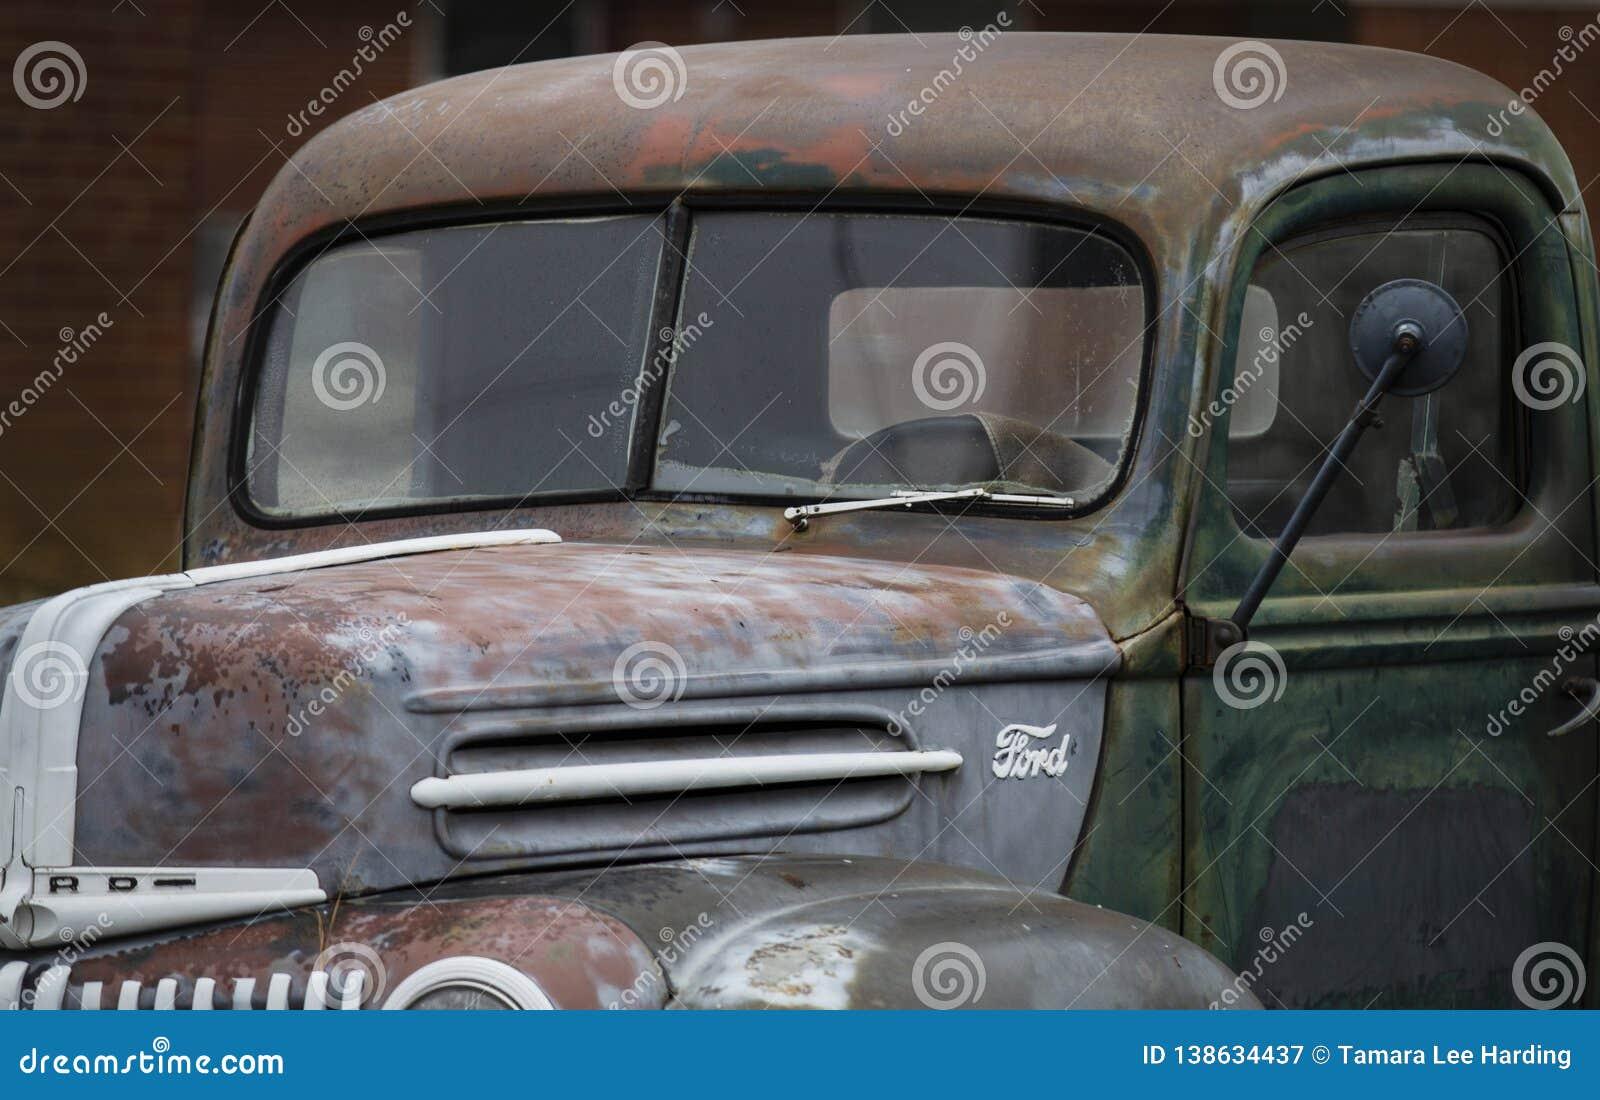 Античный крупный план грузового пикапа Форда